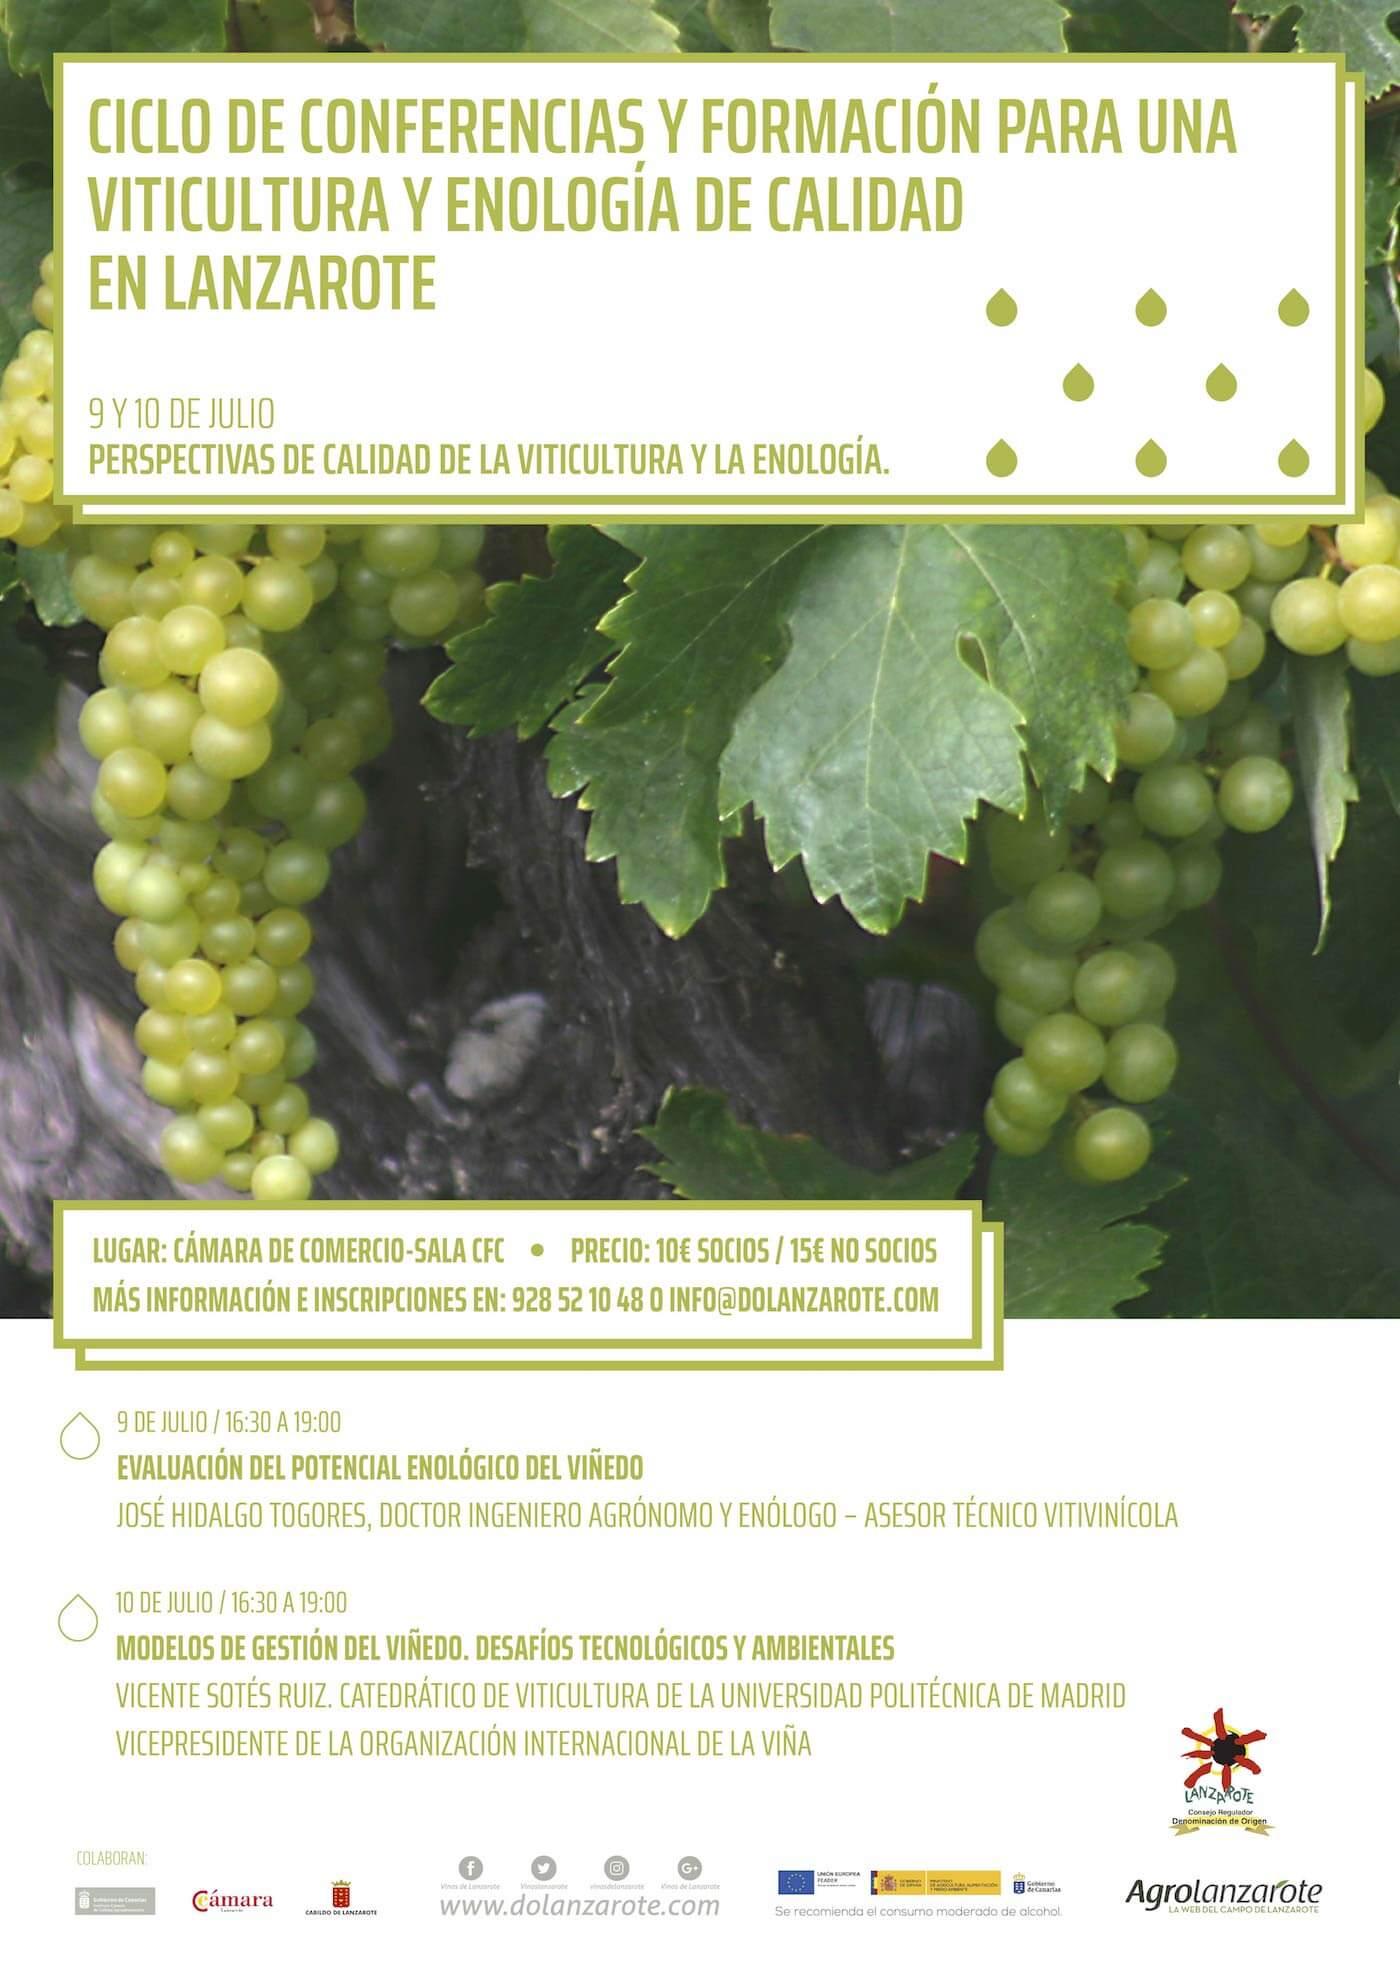 (Español) Tercera-jornada-ciclo-conferencias-de-viticultura-y-enología-ecológica-en-Lanzarote-2018